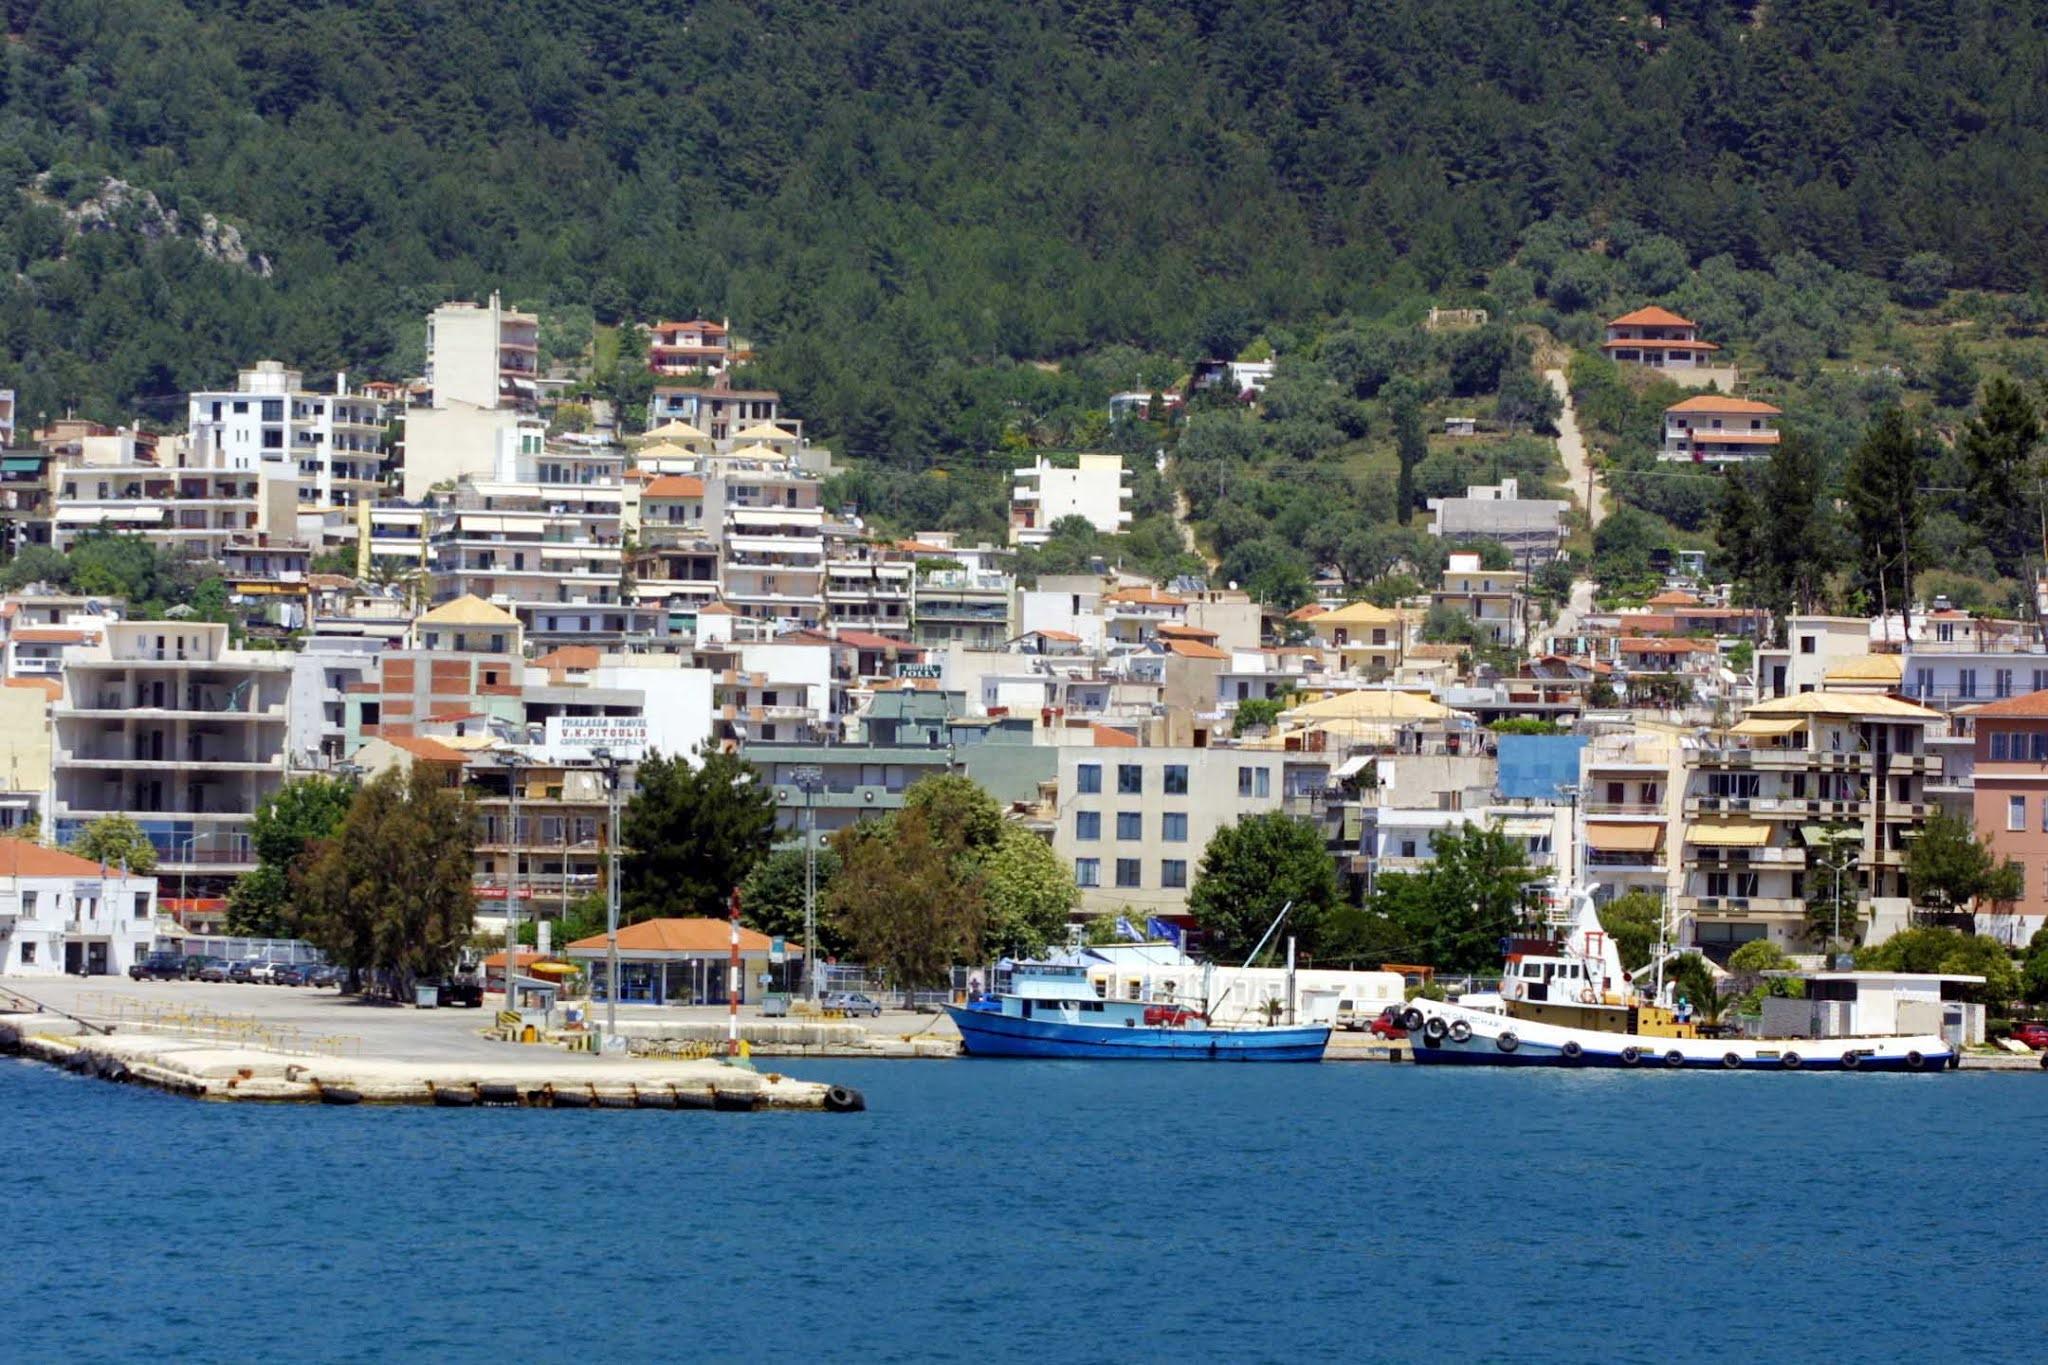 Απαγόρευση κυκλοφορίας από τις 6 το απόγευμα στο Δήμο Άρτας και στη Θεσπρωτία